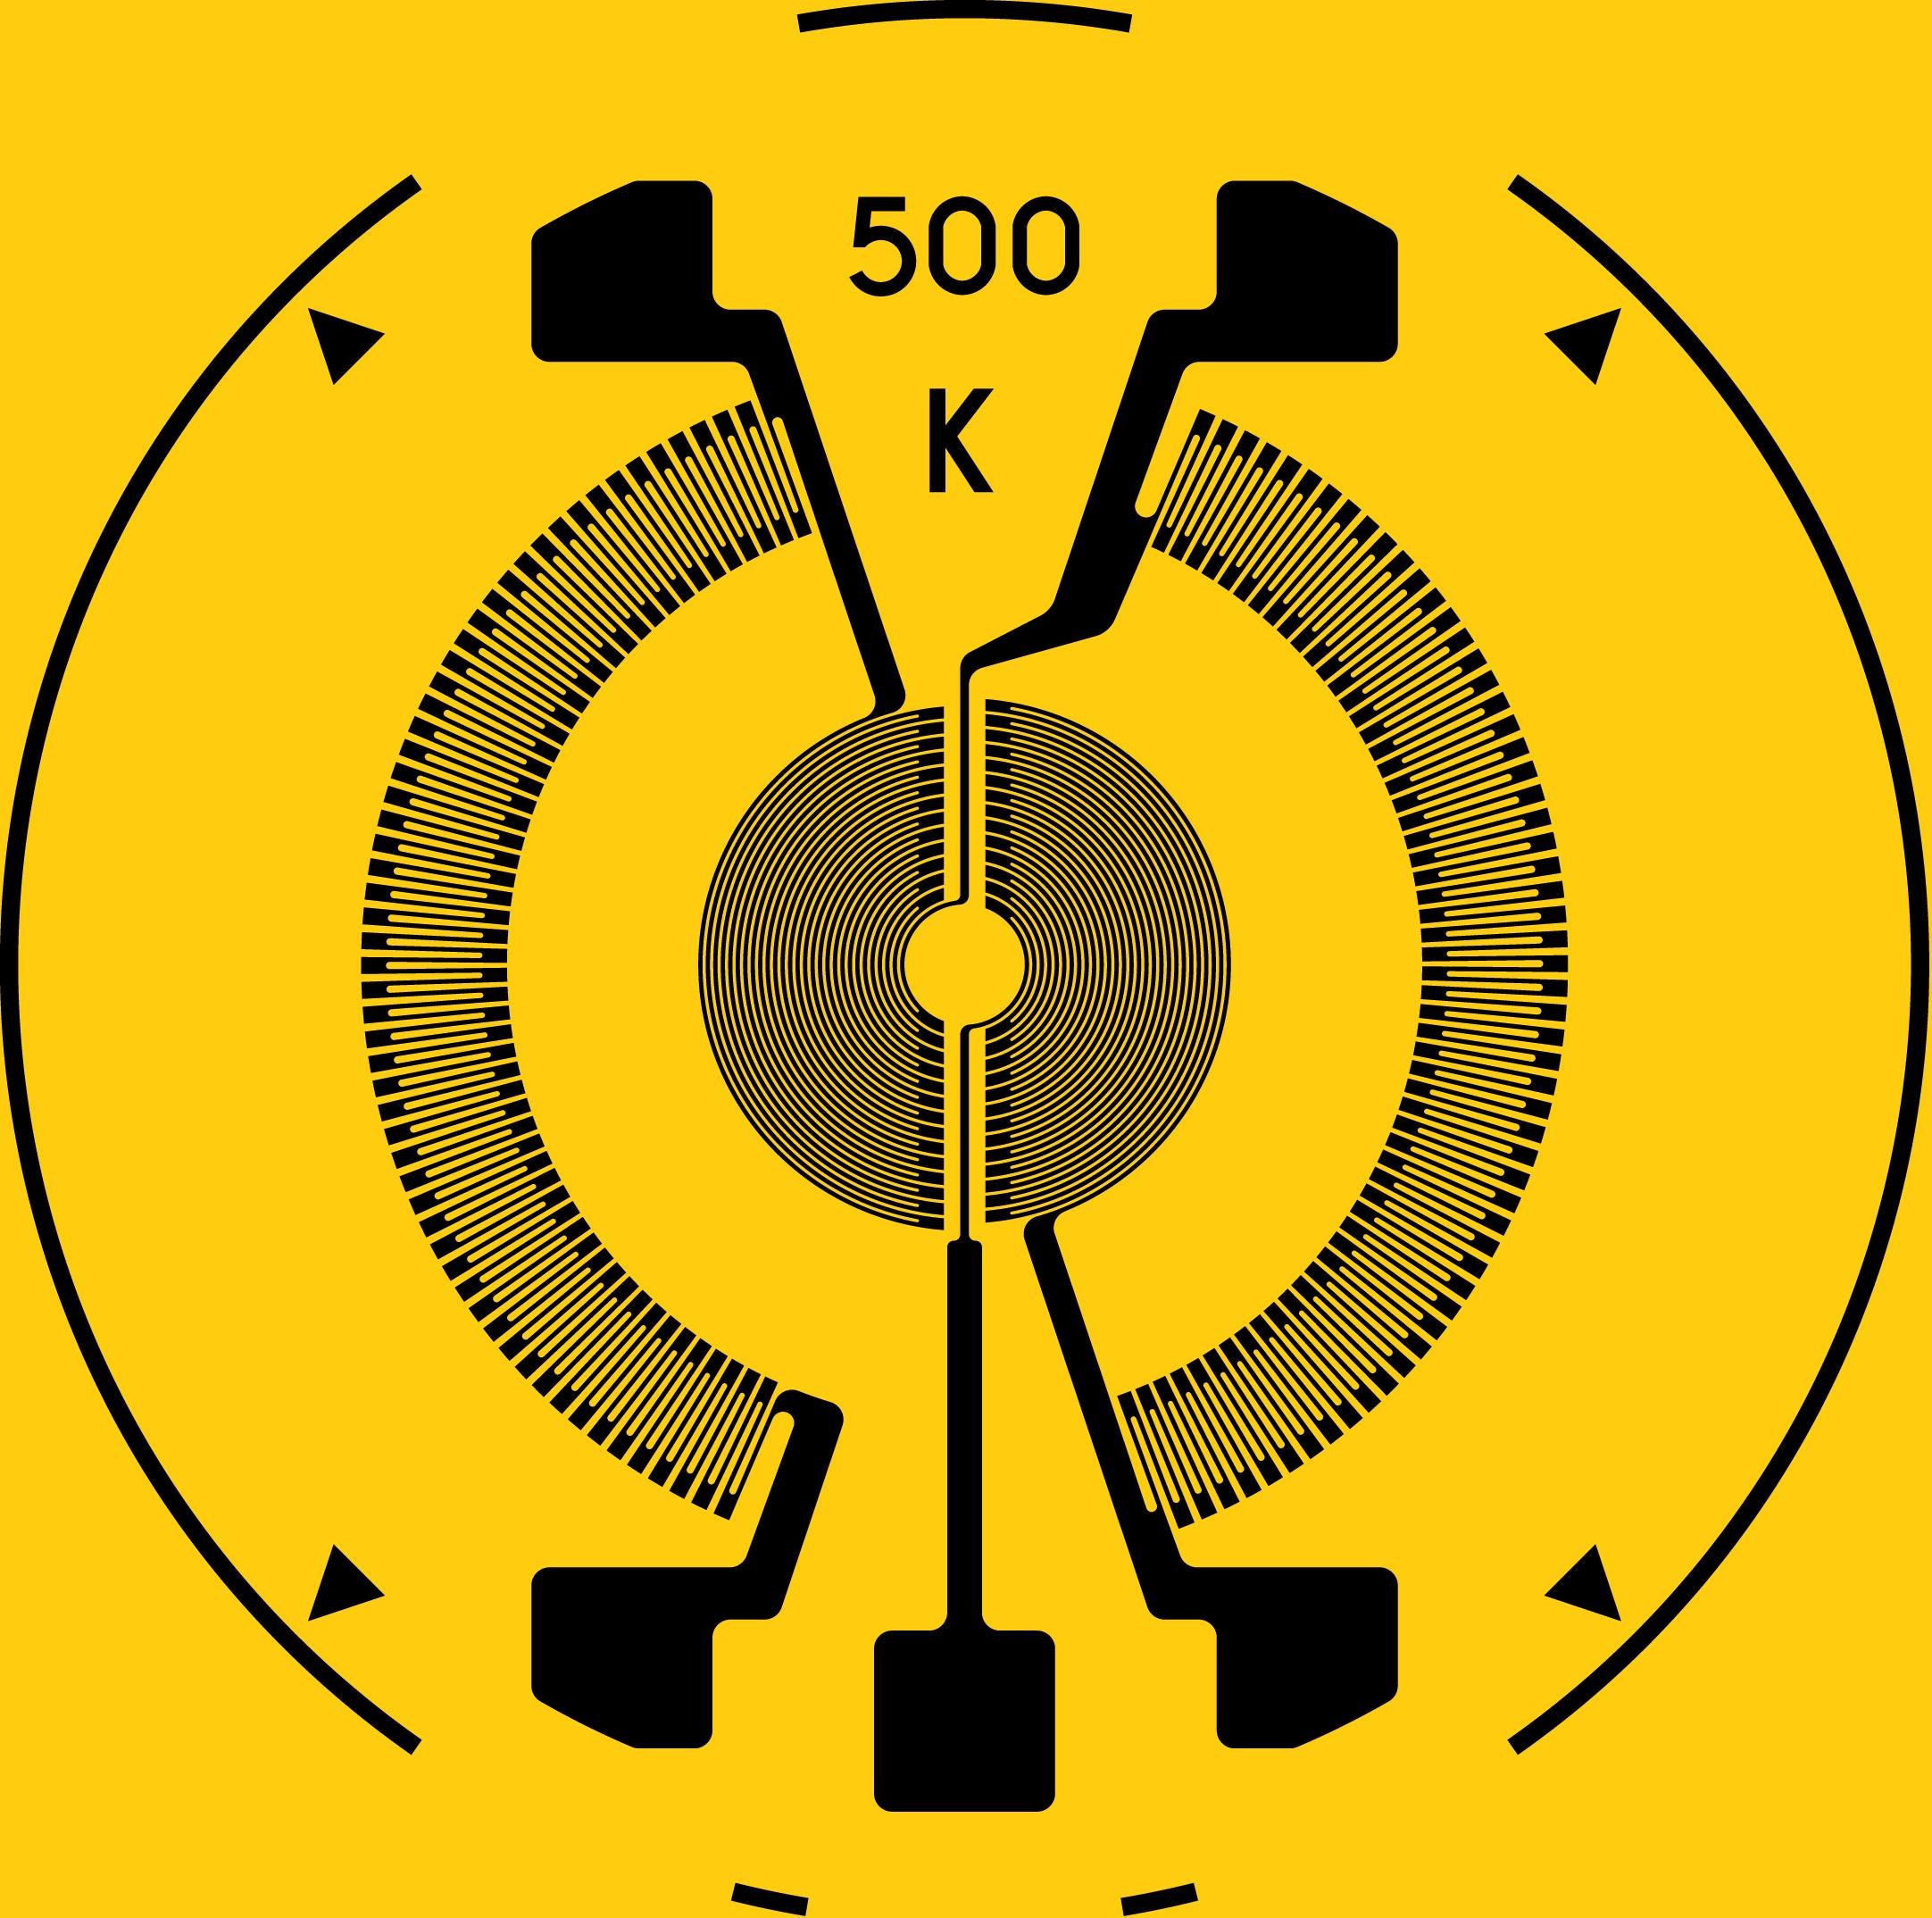 C10-500K-XX-Y